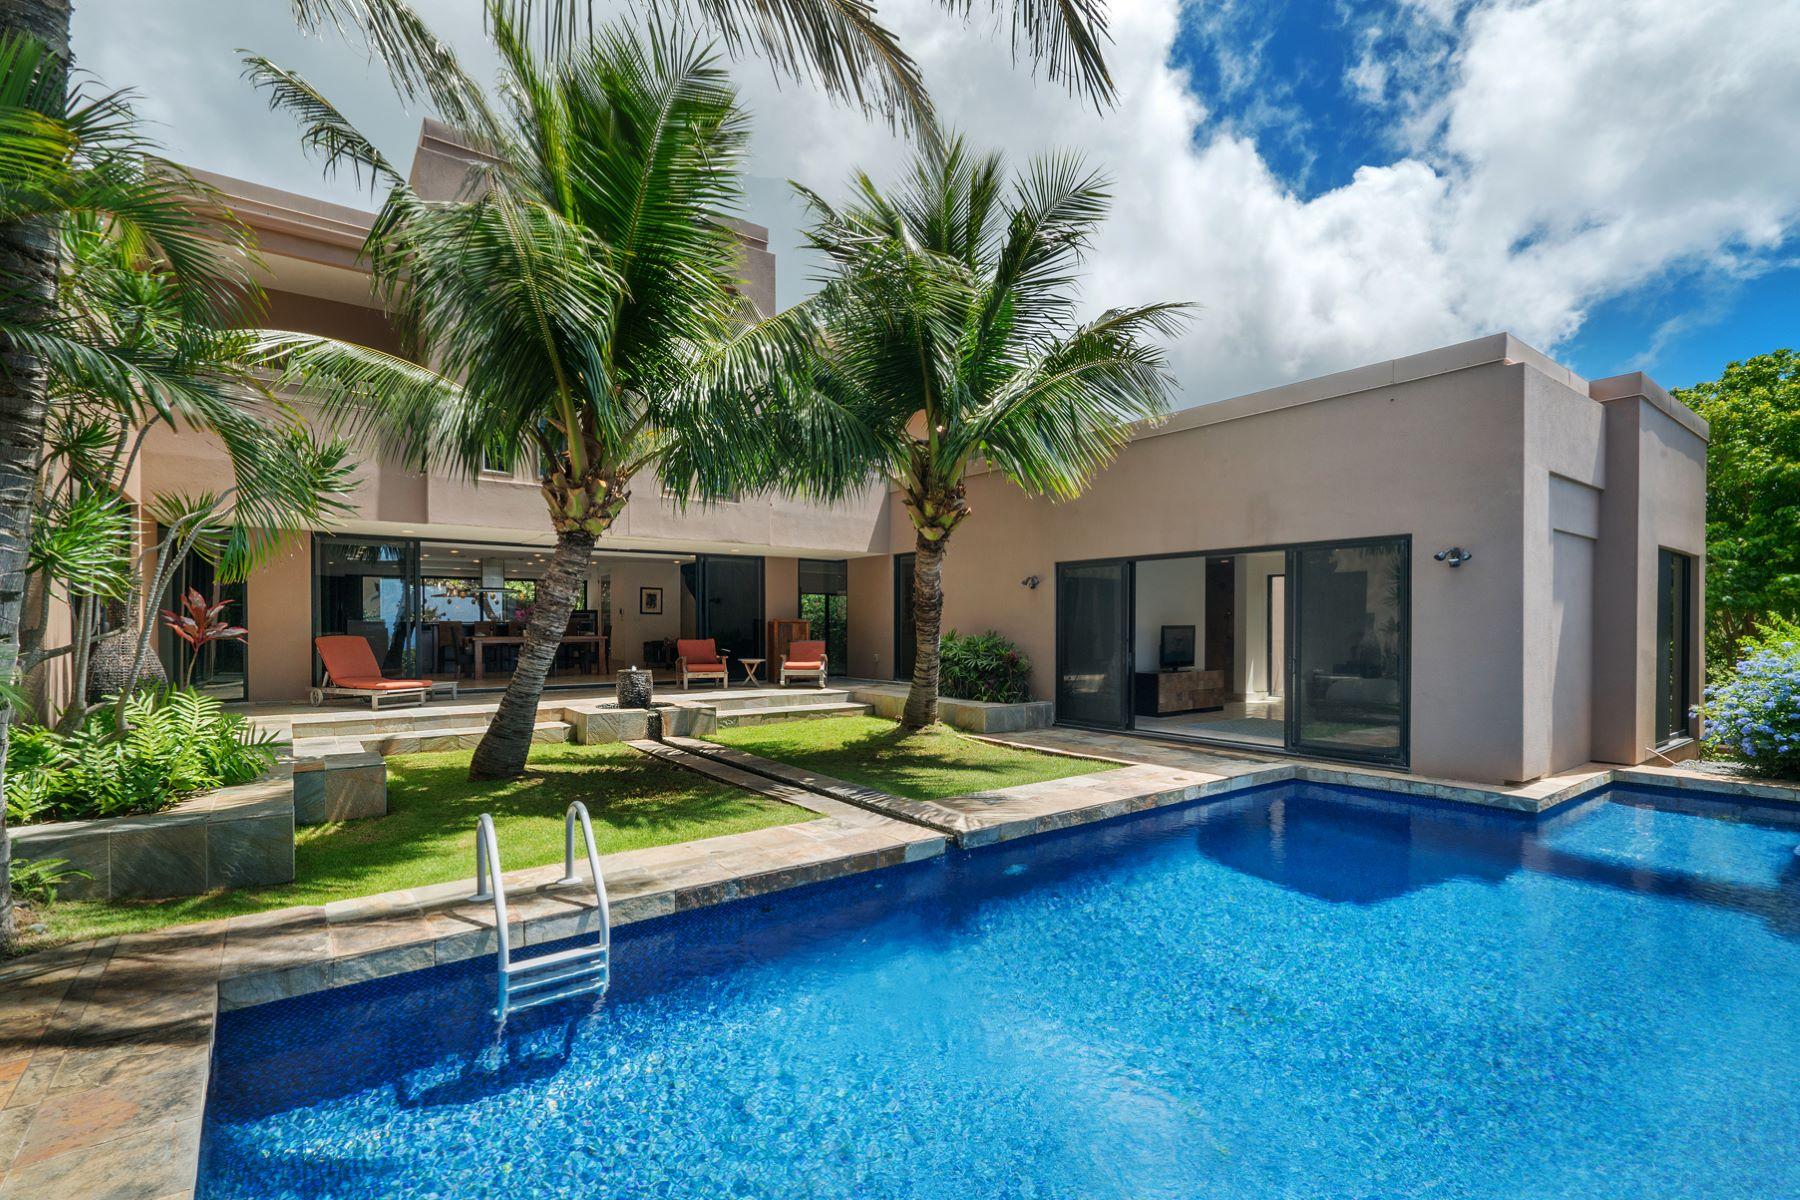 独户住宅 为 销售 在 Kahala Kua Contemporary 5614 Poola Street 火奴鲁鲁, 夏威夷 96821 美国